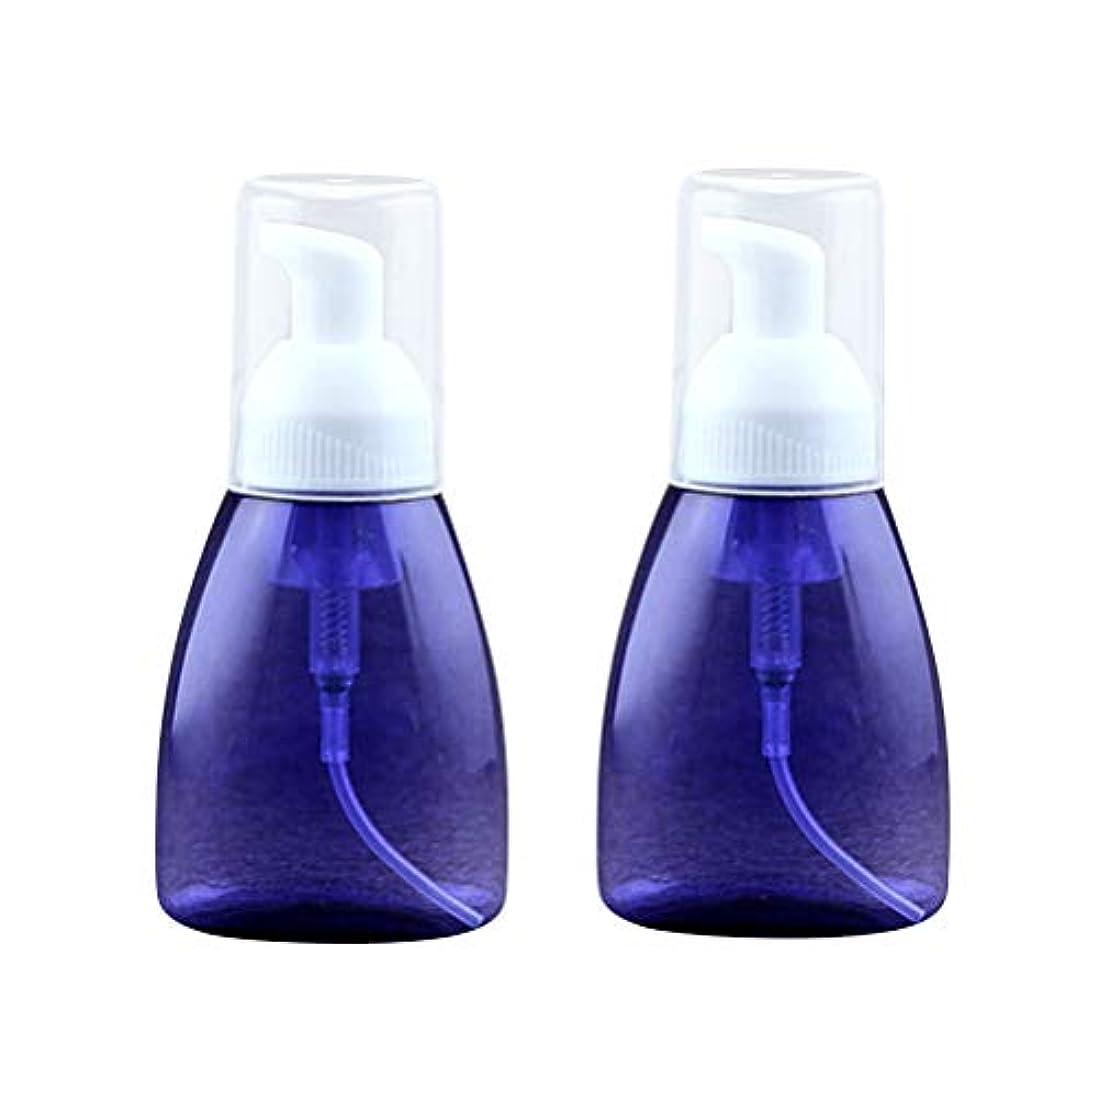 持っている支配するのぞき見SUPVOX 2本発泡ソープディスペンサー詰め替え式プラスチックローションボトル泡ハンドポンプ空のボトル容器クリアトラベルトイレタリーボトル用液体シャンプー80ml(ブルー)